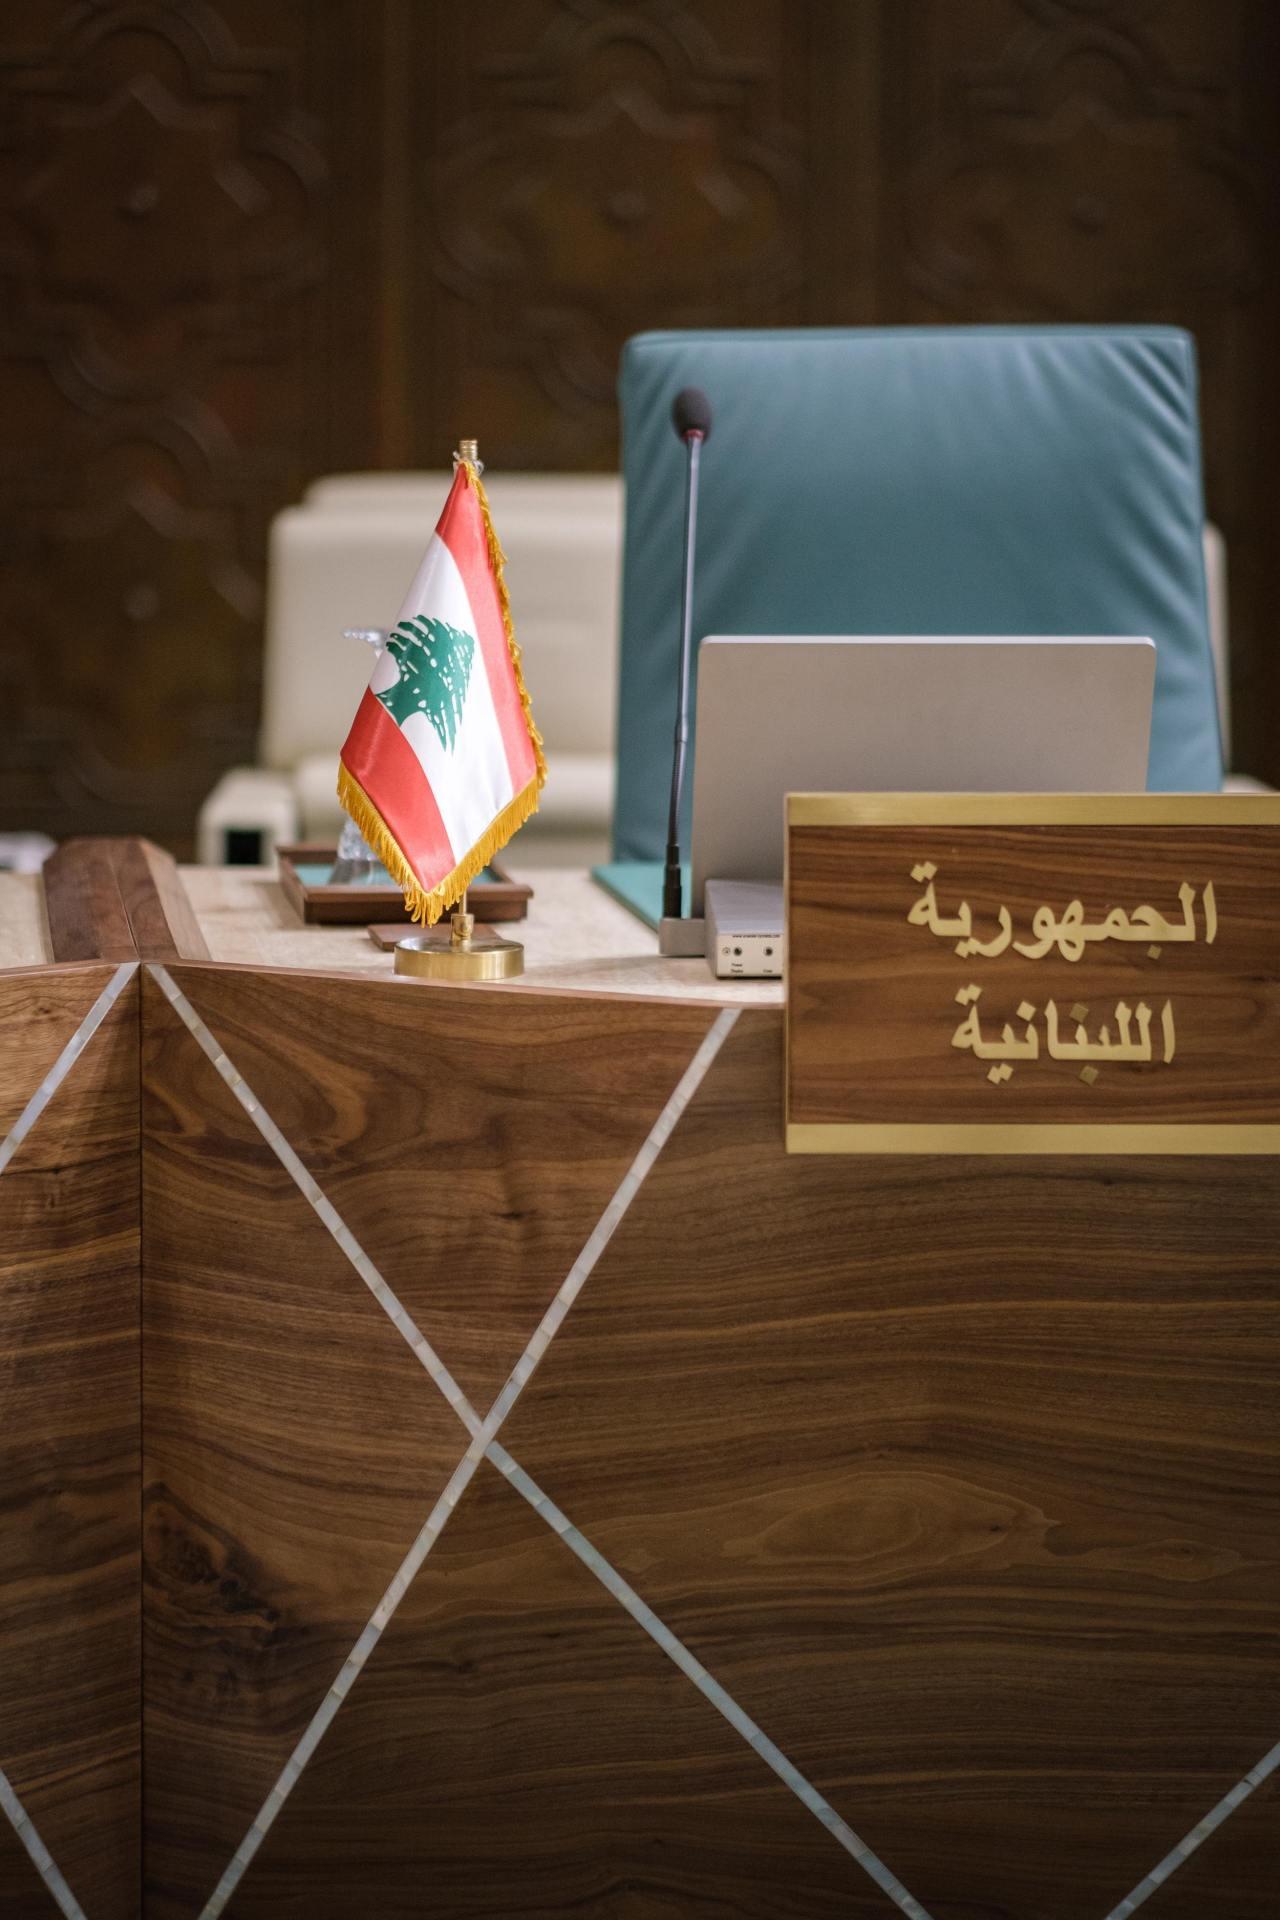 Nada-Debs_Arab_League_designalive-25